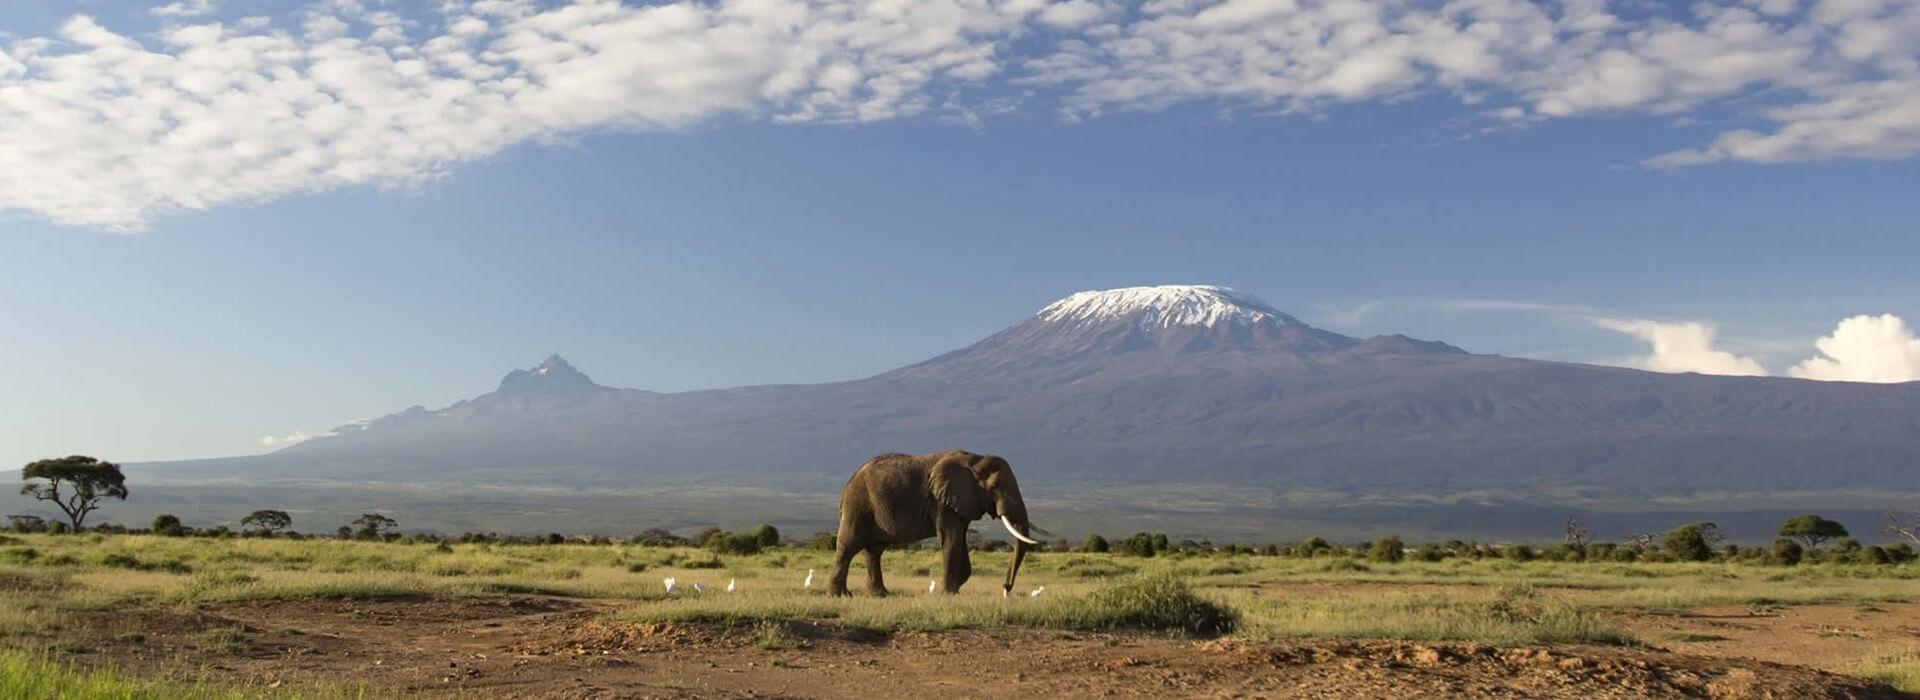 Best Time to Visit Kilimanjaro